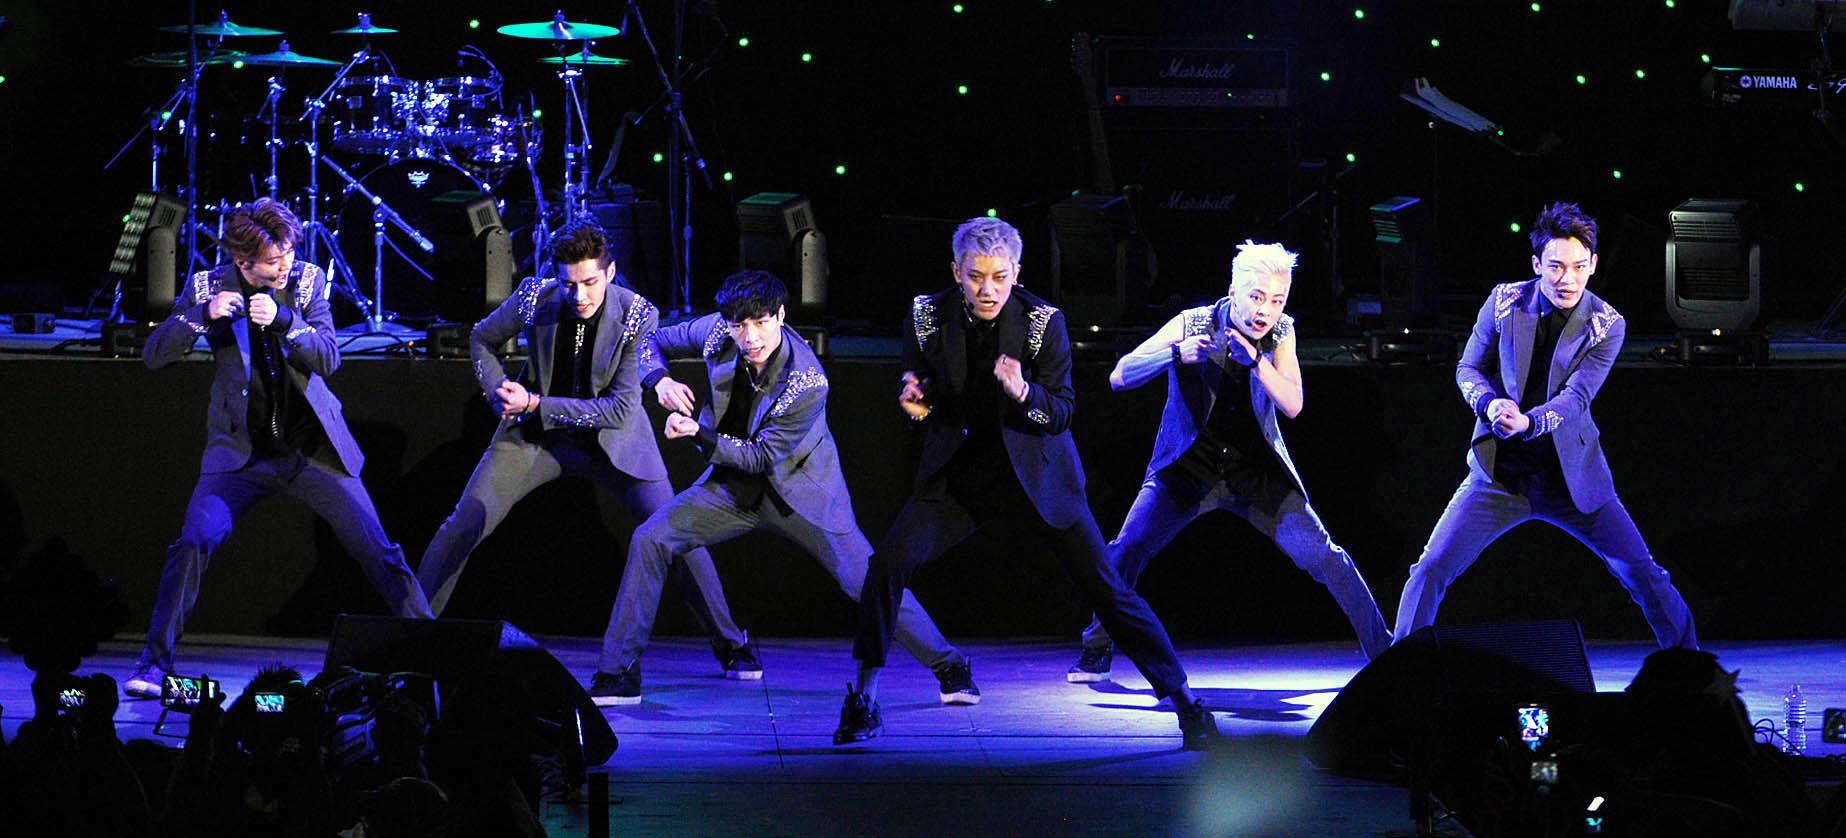 Exo Band Tour